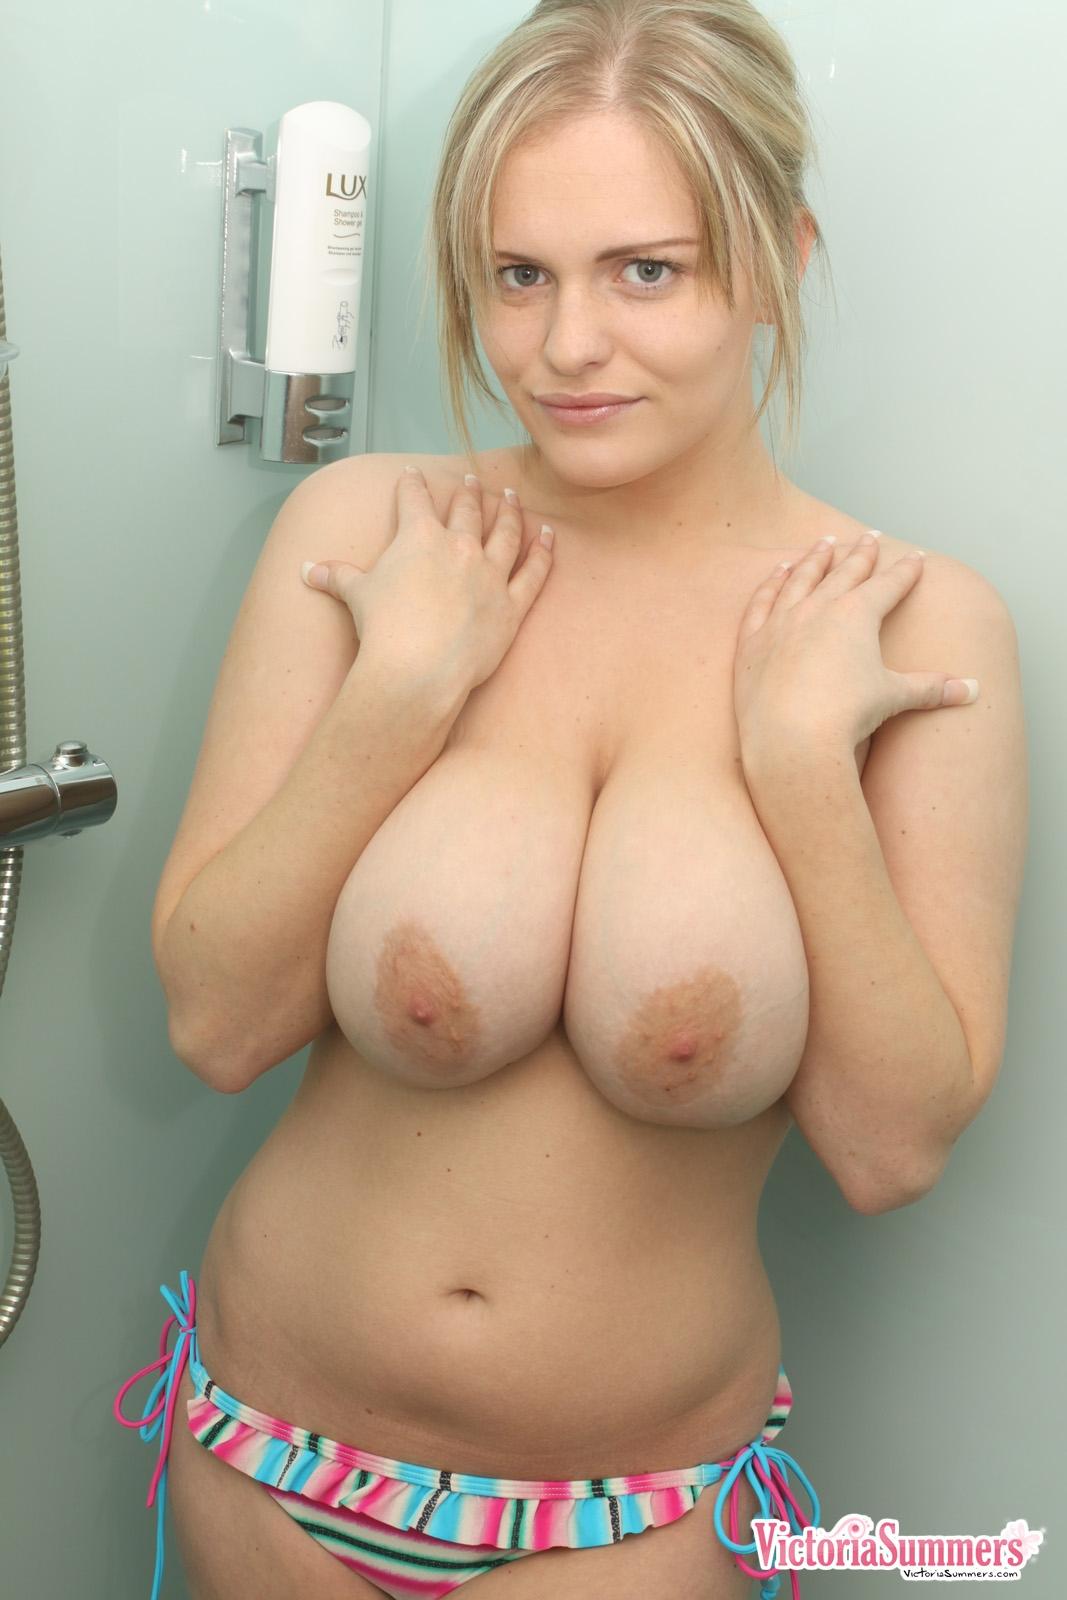 Ххх натуральная грудь 4 фотография